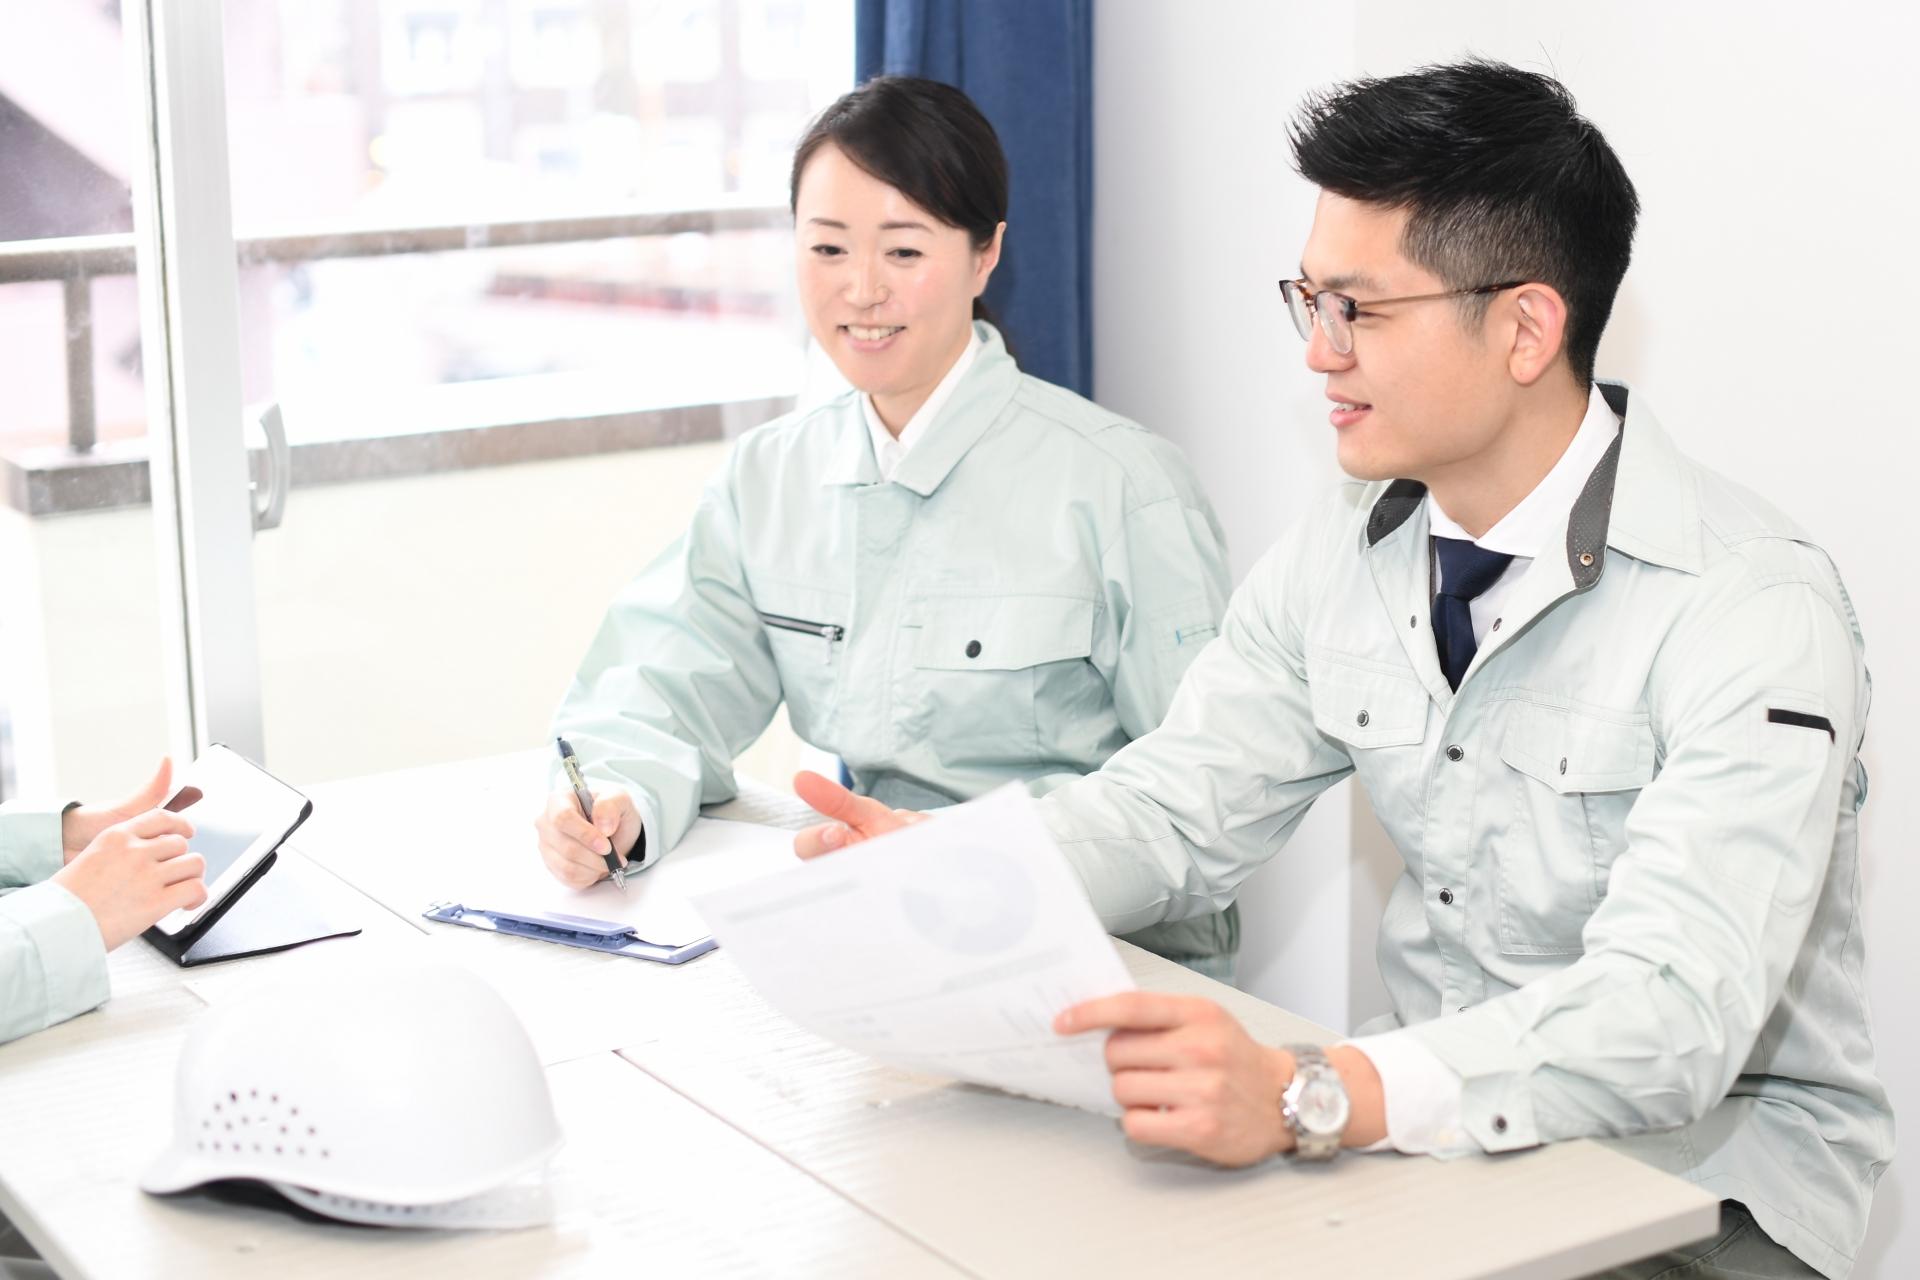 4746786 m - 業態展開で役立つ中小企業向け事業再構築補助金とは